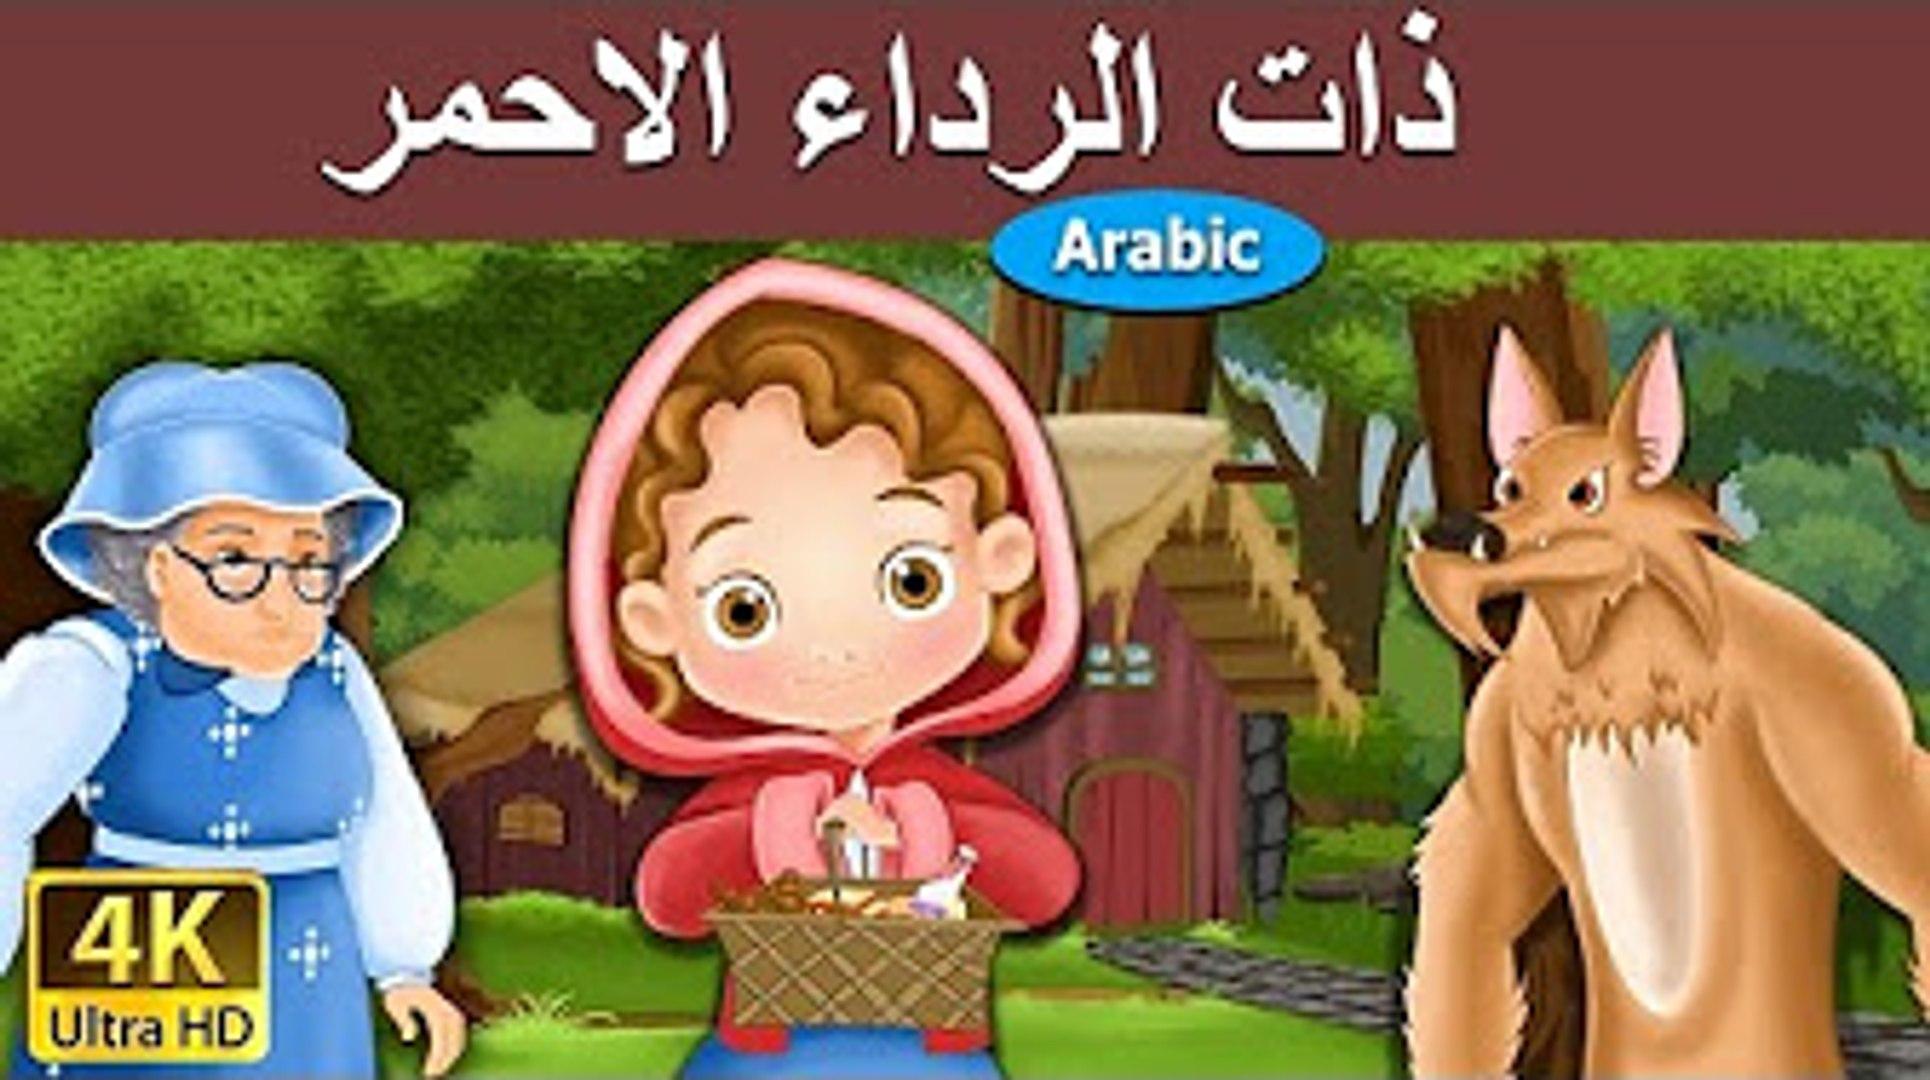 ذات الرداء الاحمر قصص اطفال قصص اطفال قبل النوم رسوم متحركة بالعربي فيديو Dailymotion